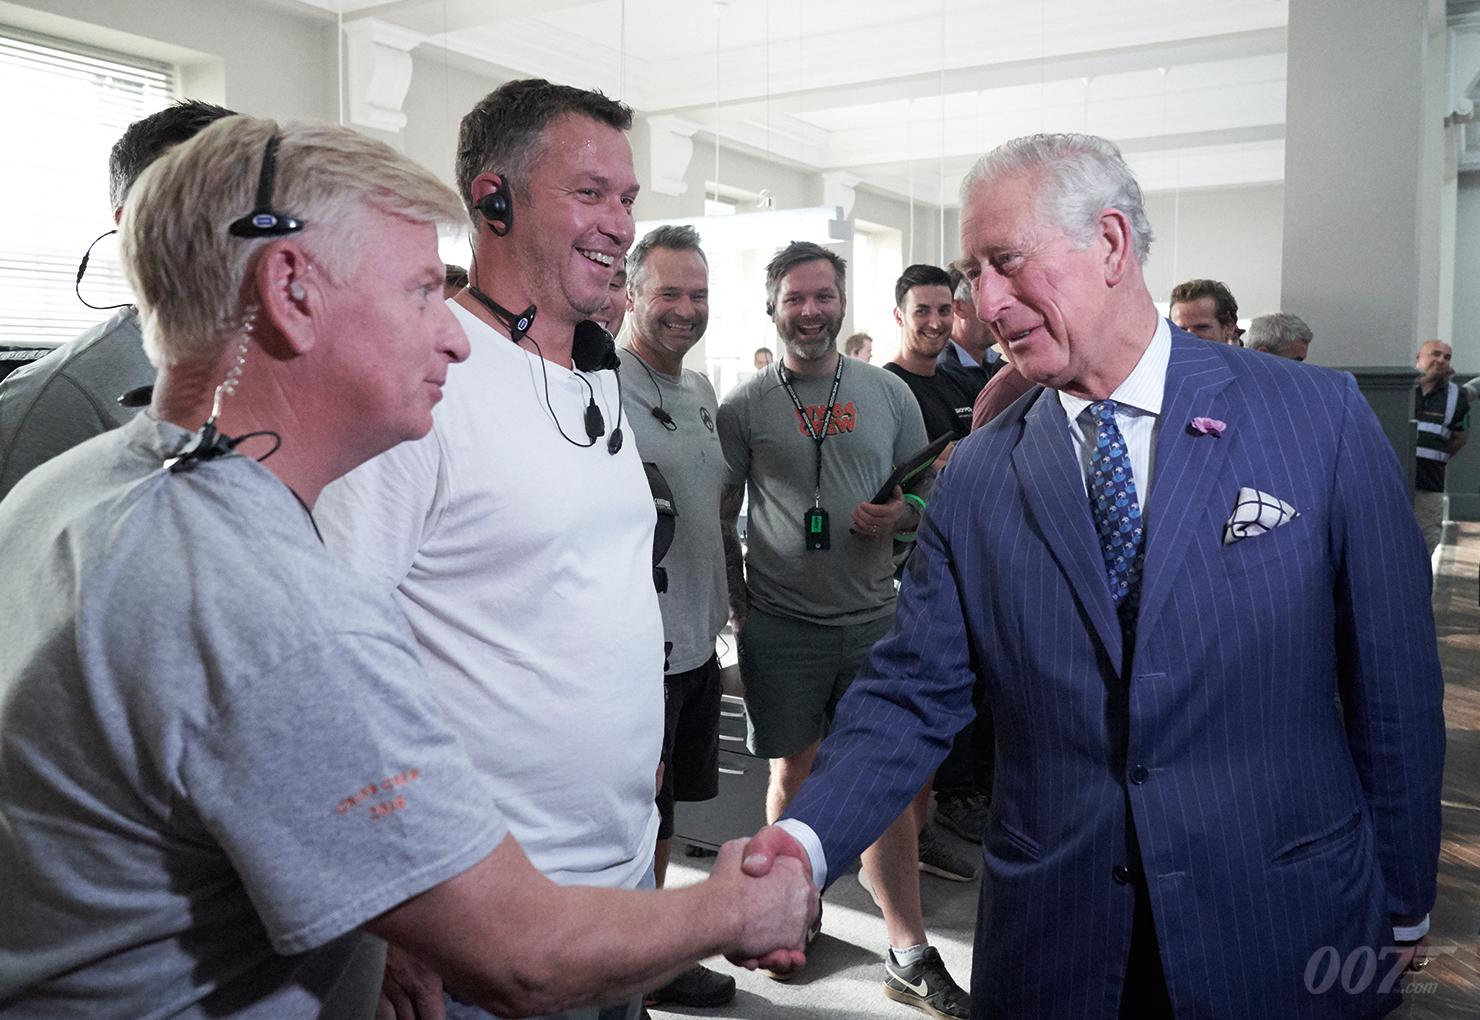 Prinz Charles schüttelt zahlreichen Crew-Mitgliedern die Hände (c) 007.com